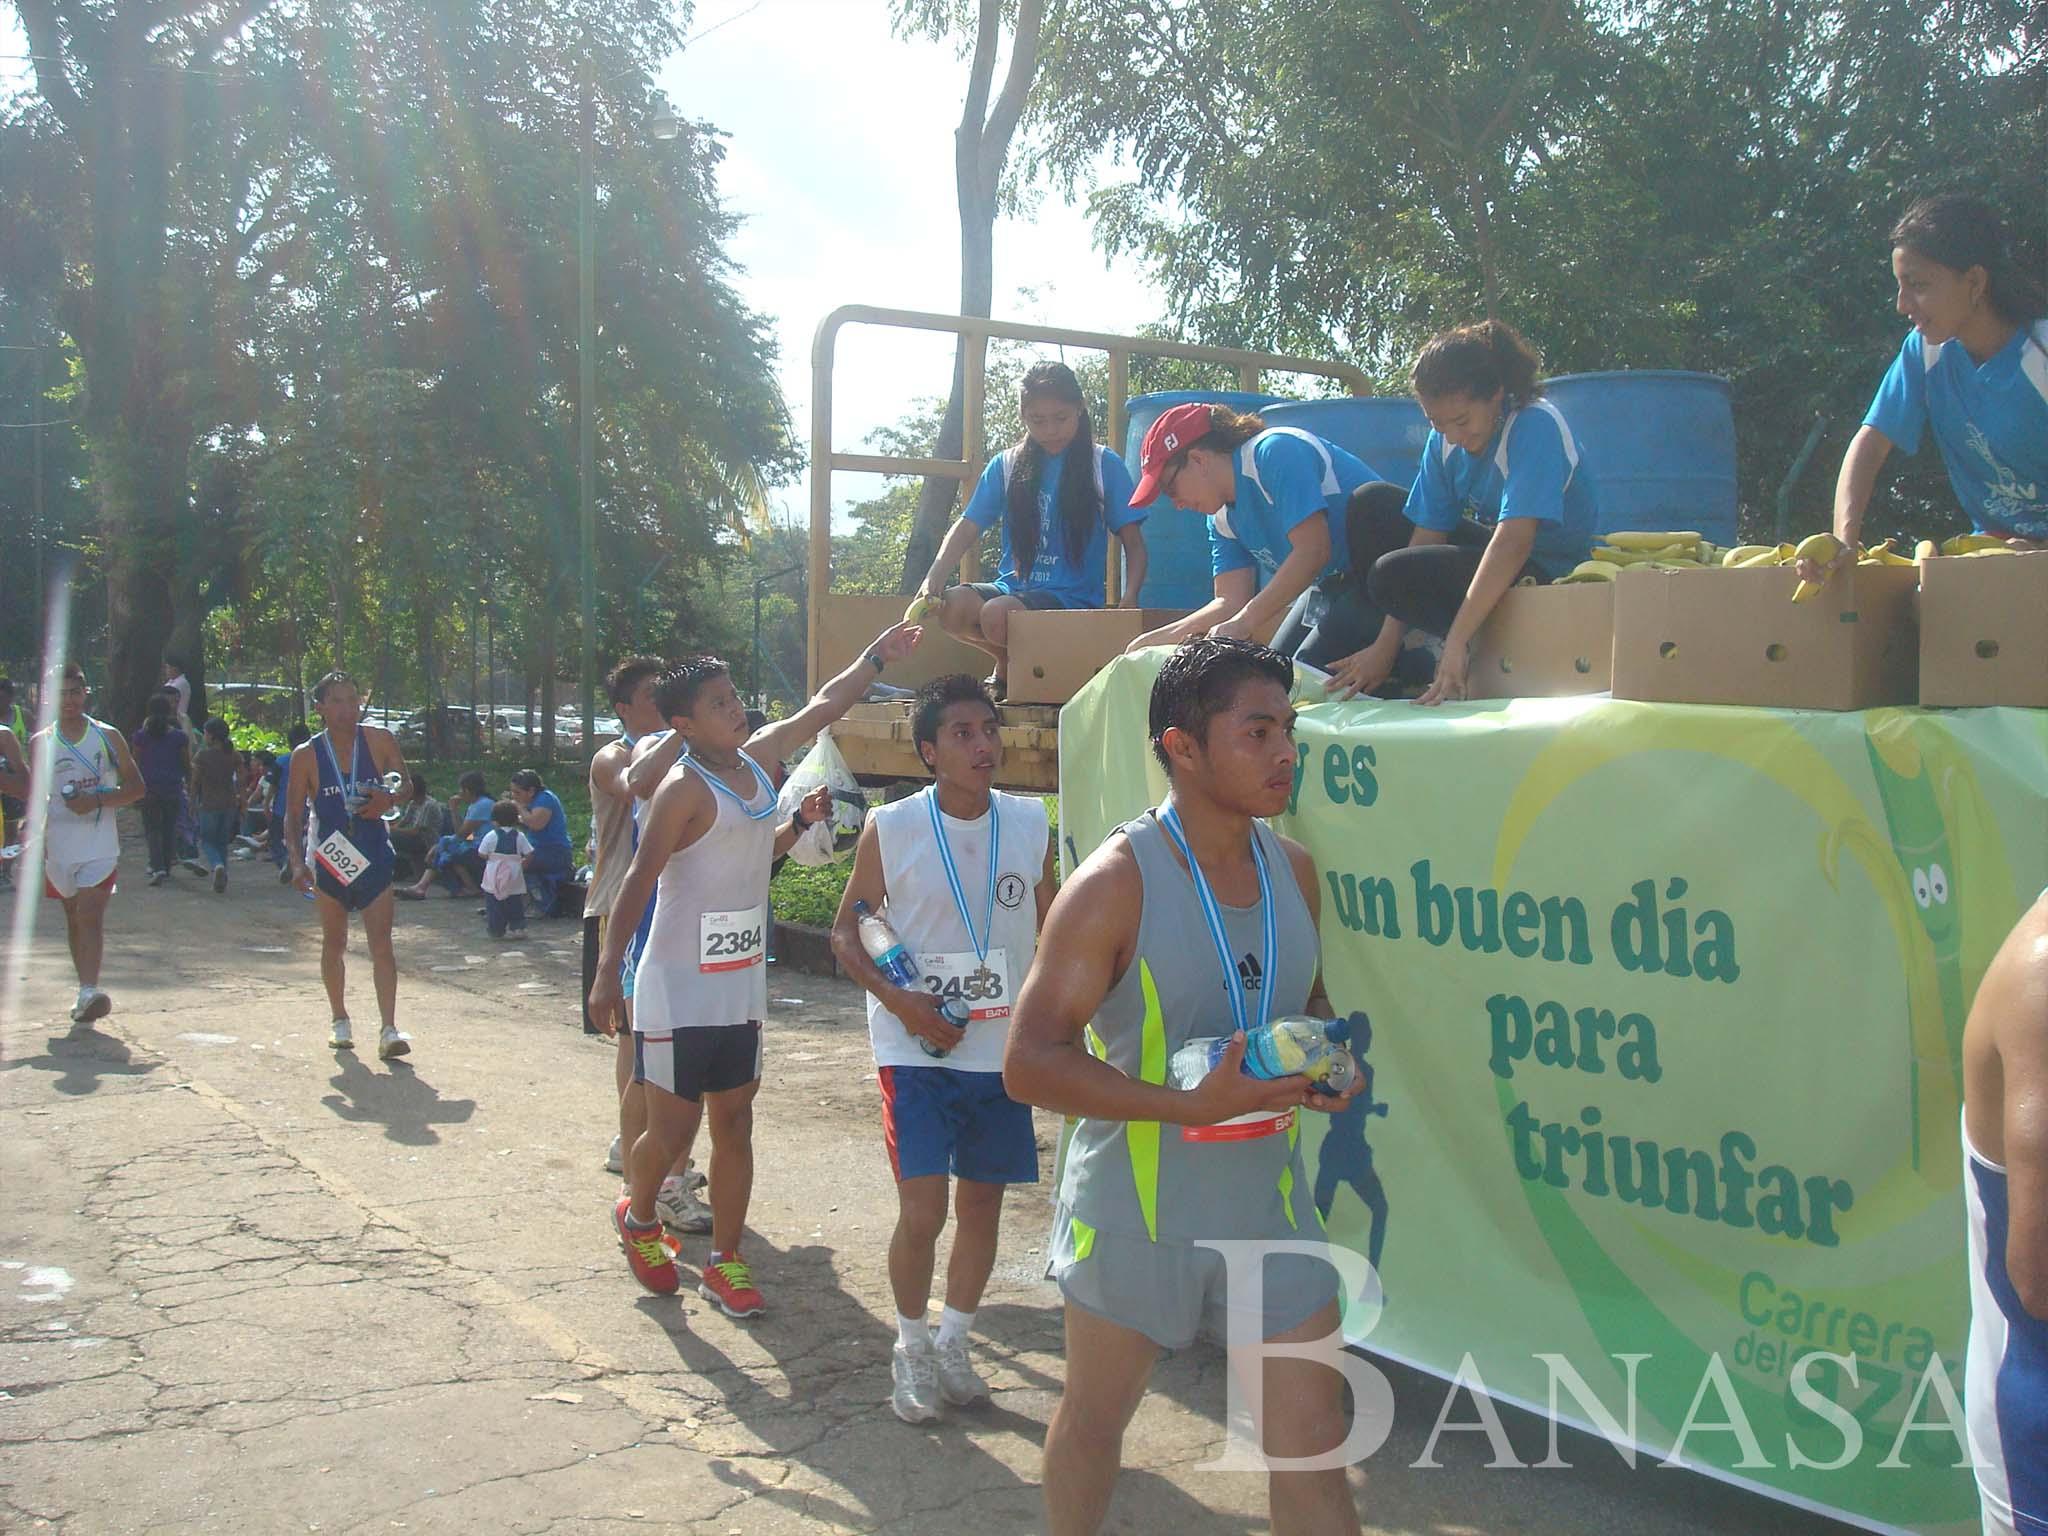 """BANASA DONA LA TOTALIDAD DE BANANOS PARA ATLETAS QUE PARTICIPAN EN LA """"CARRERA DEL AZÚCAR"""""""